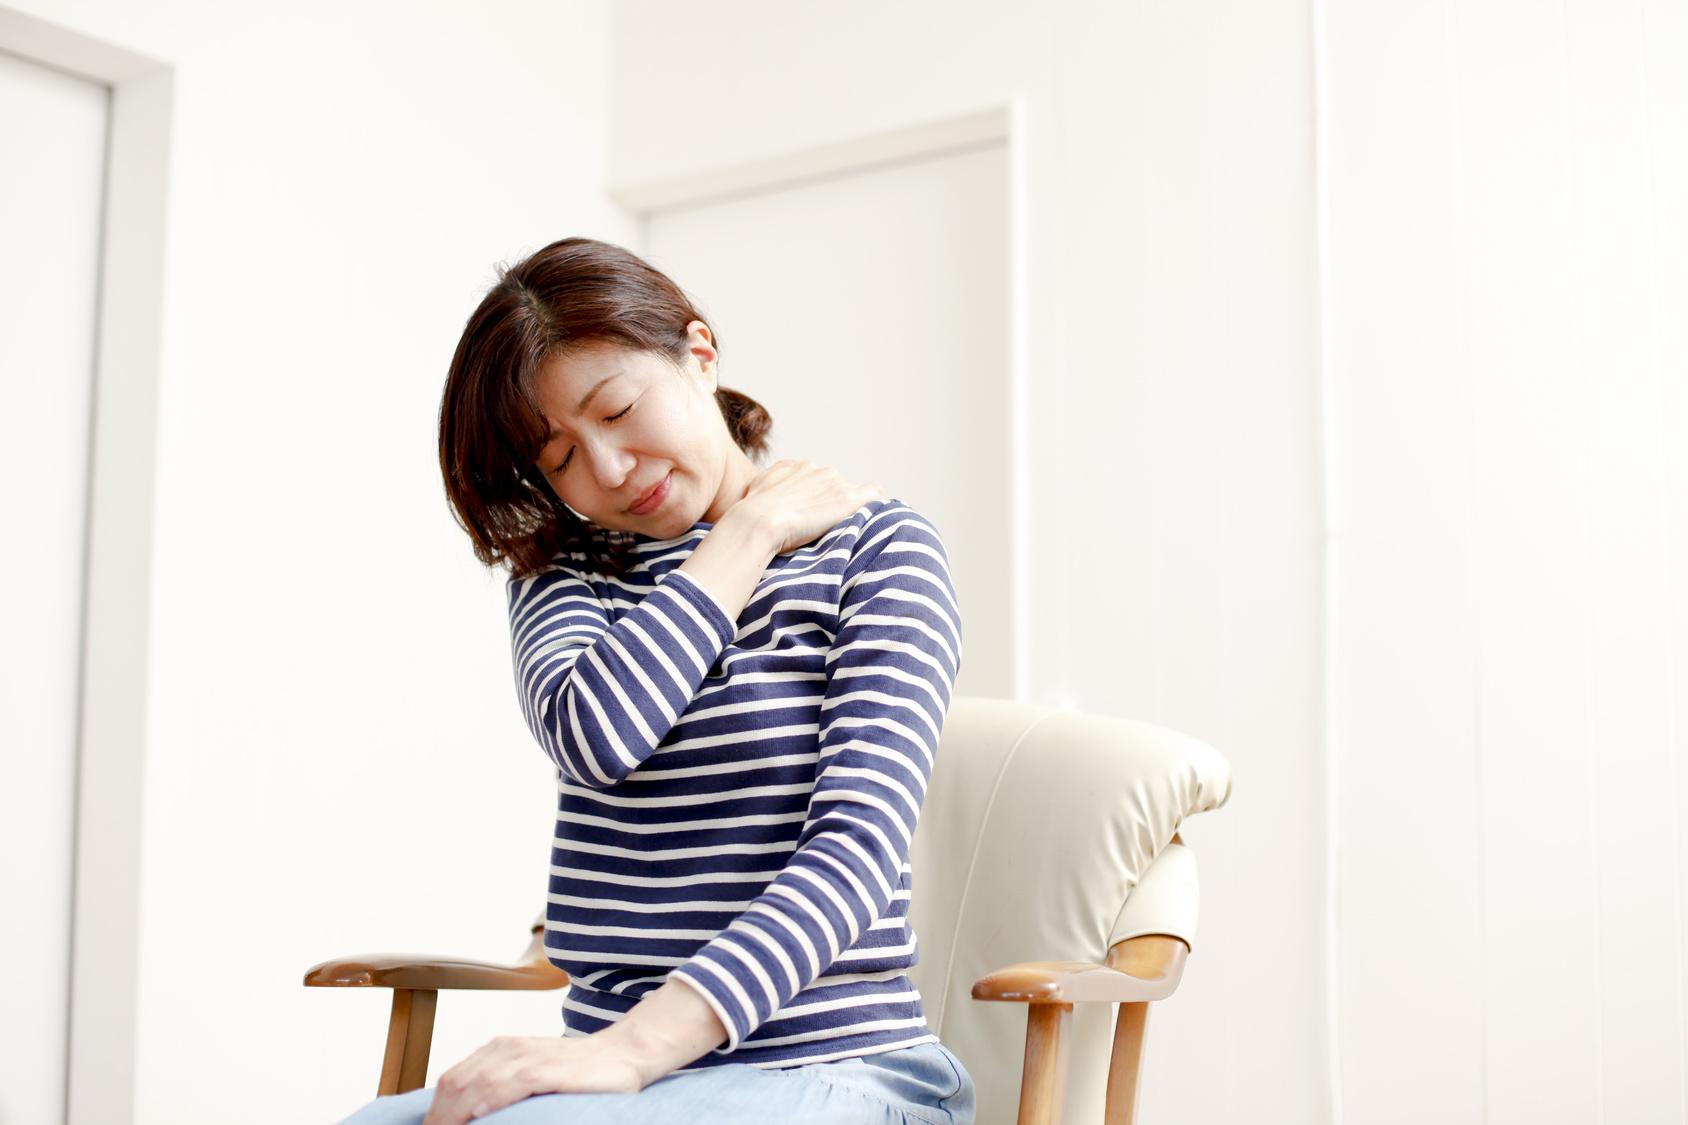 筋力の低下や姿勢の悪さも痛みの原因になります